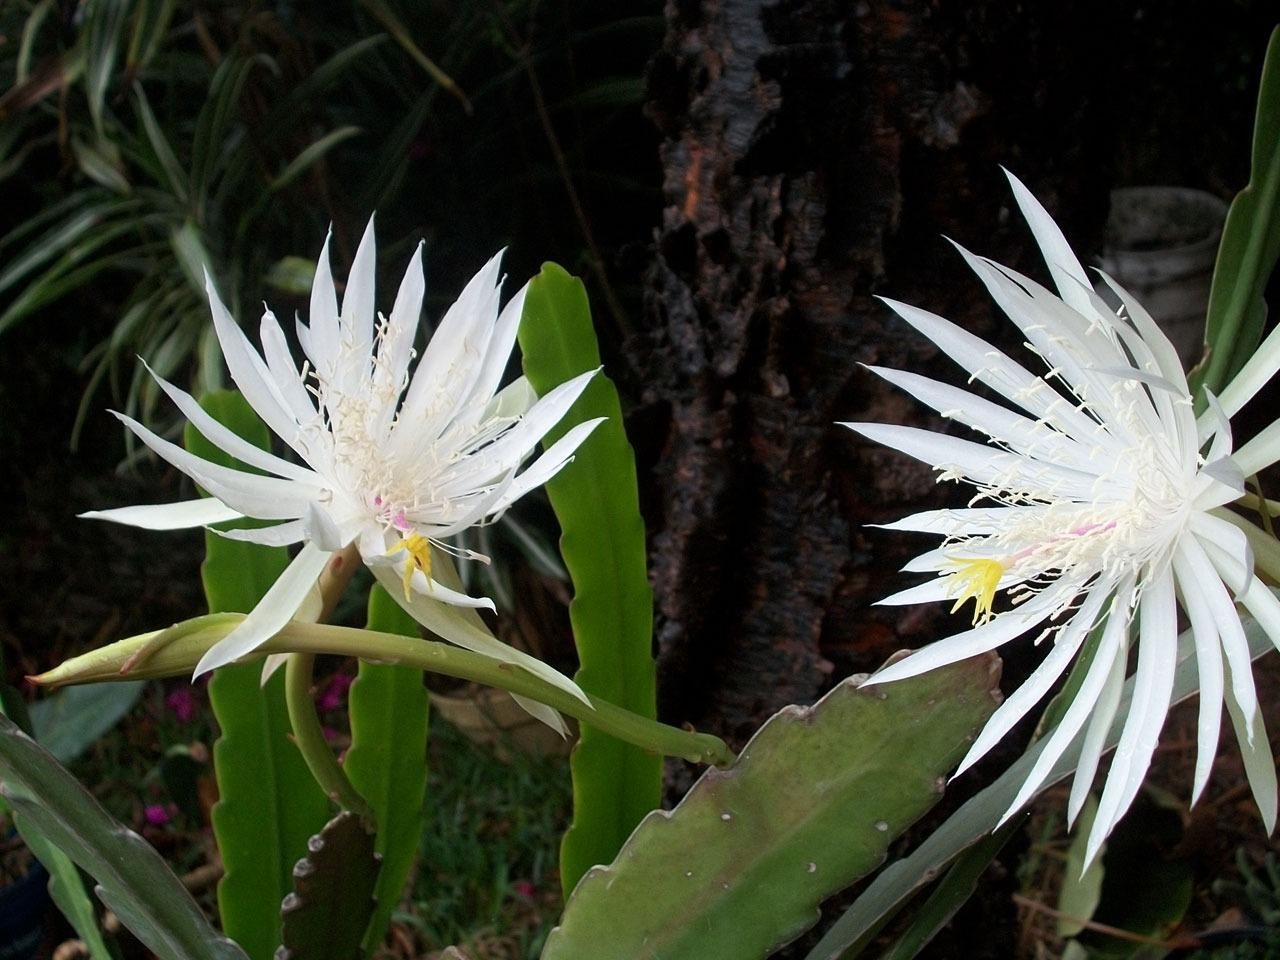 월하미인, Epiphyllum oxypetalum